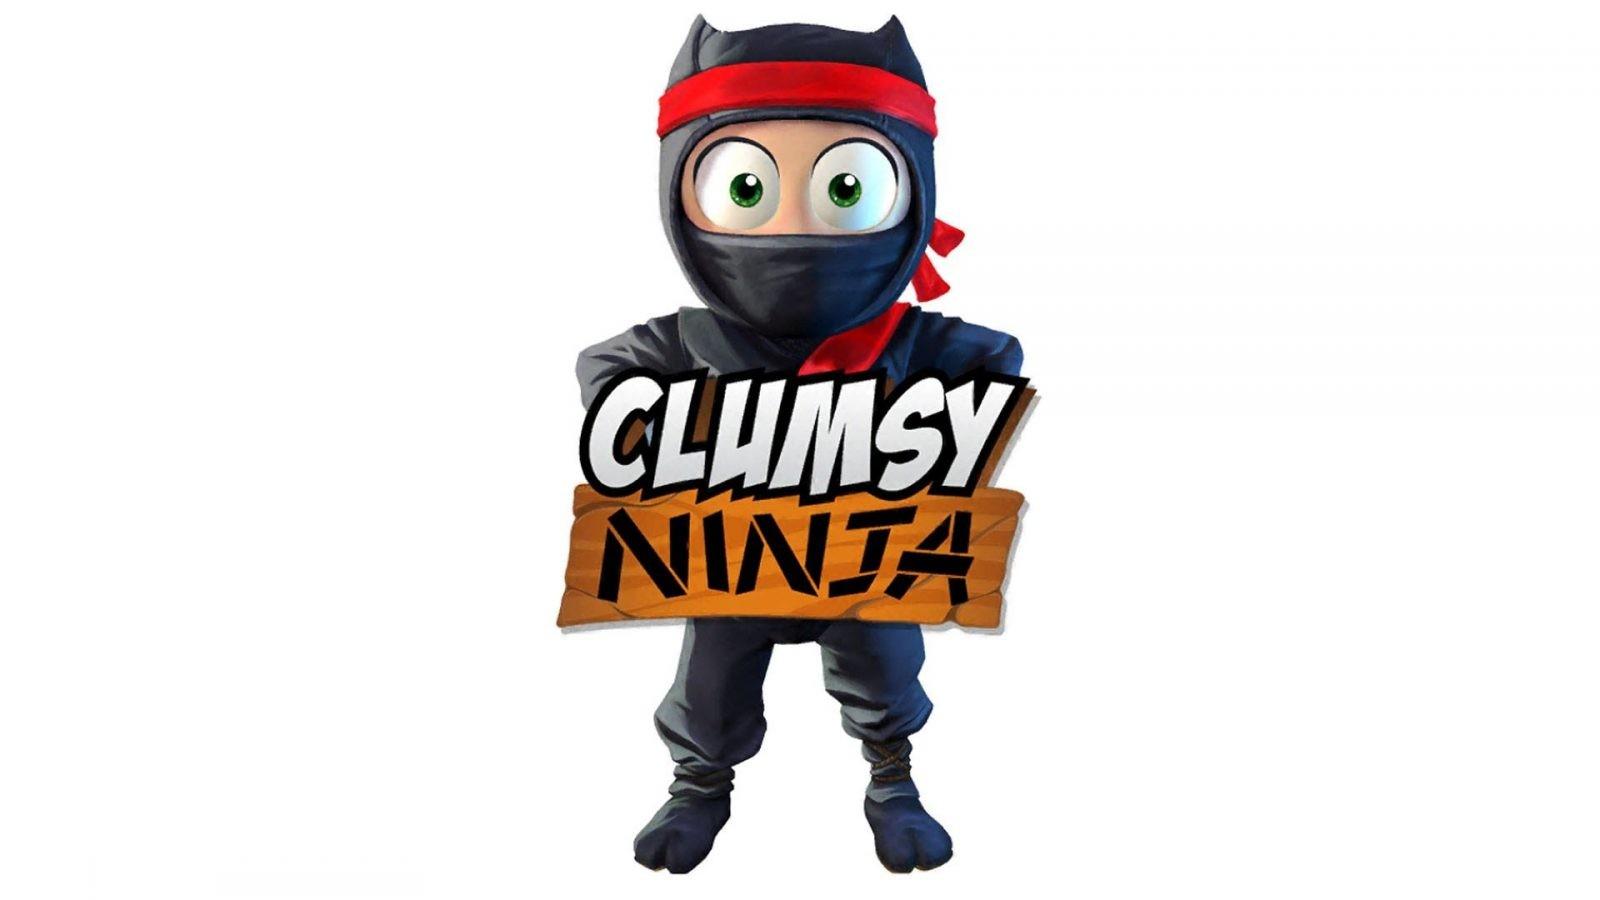 ninja village mod apk 1.0.6